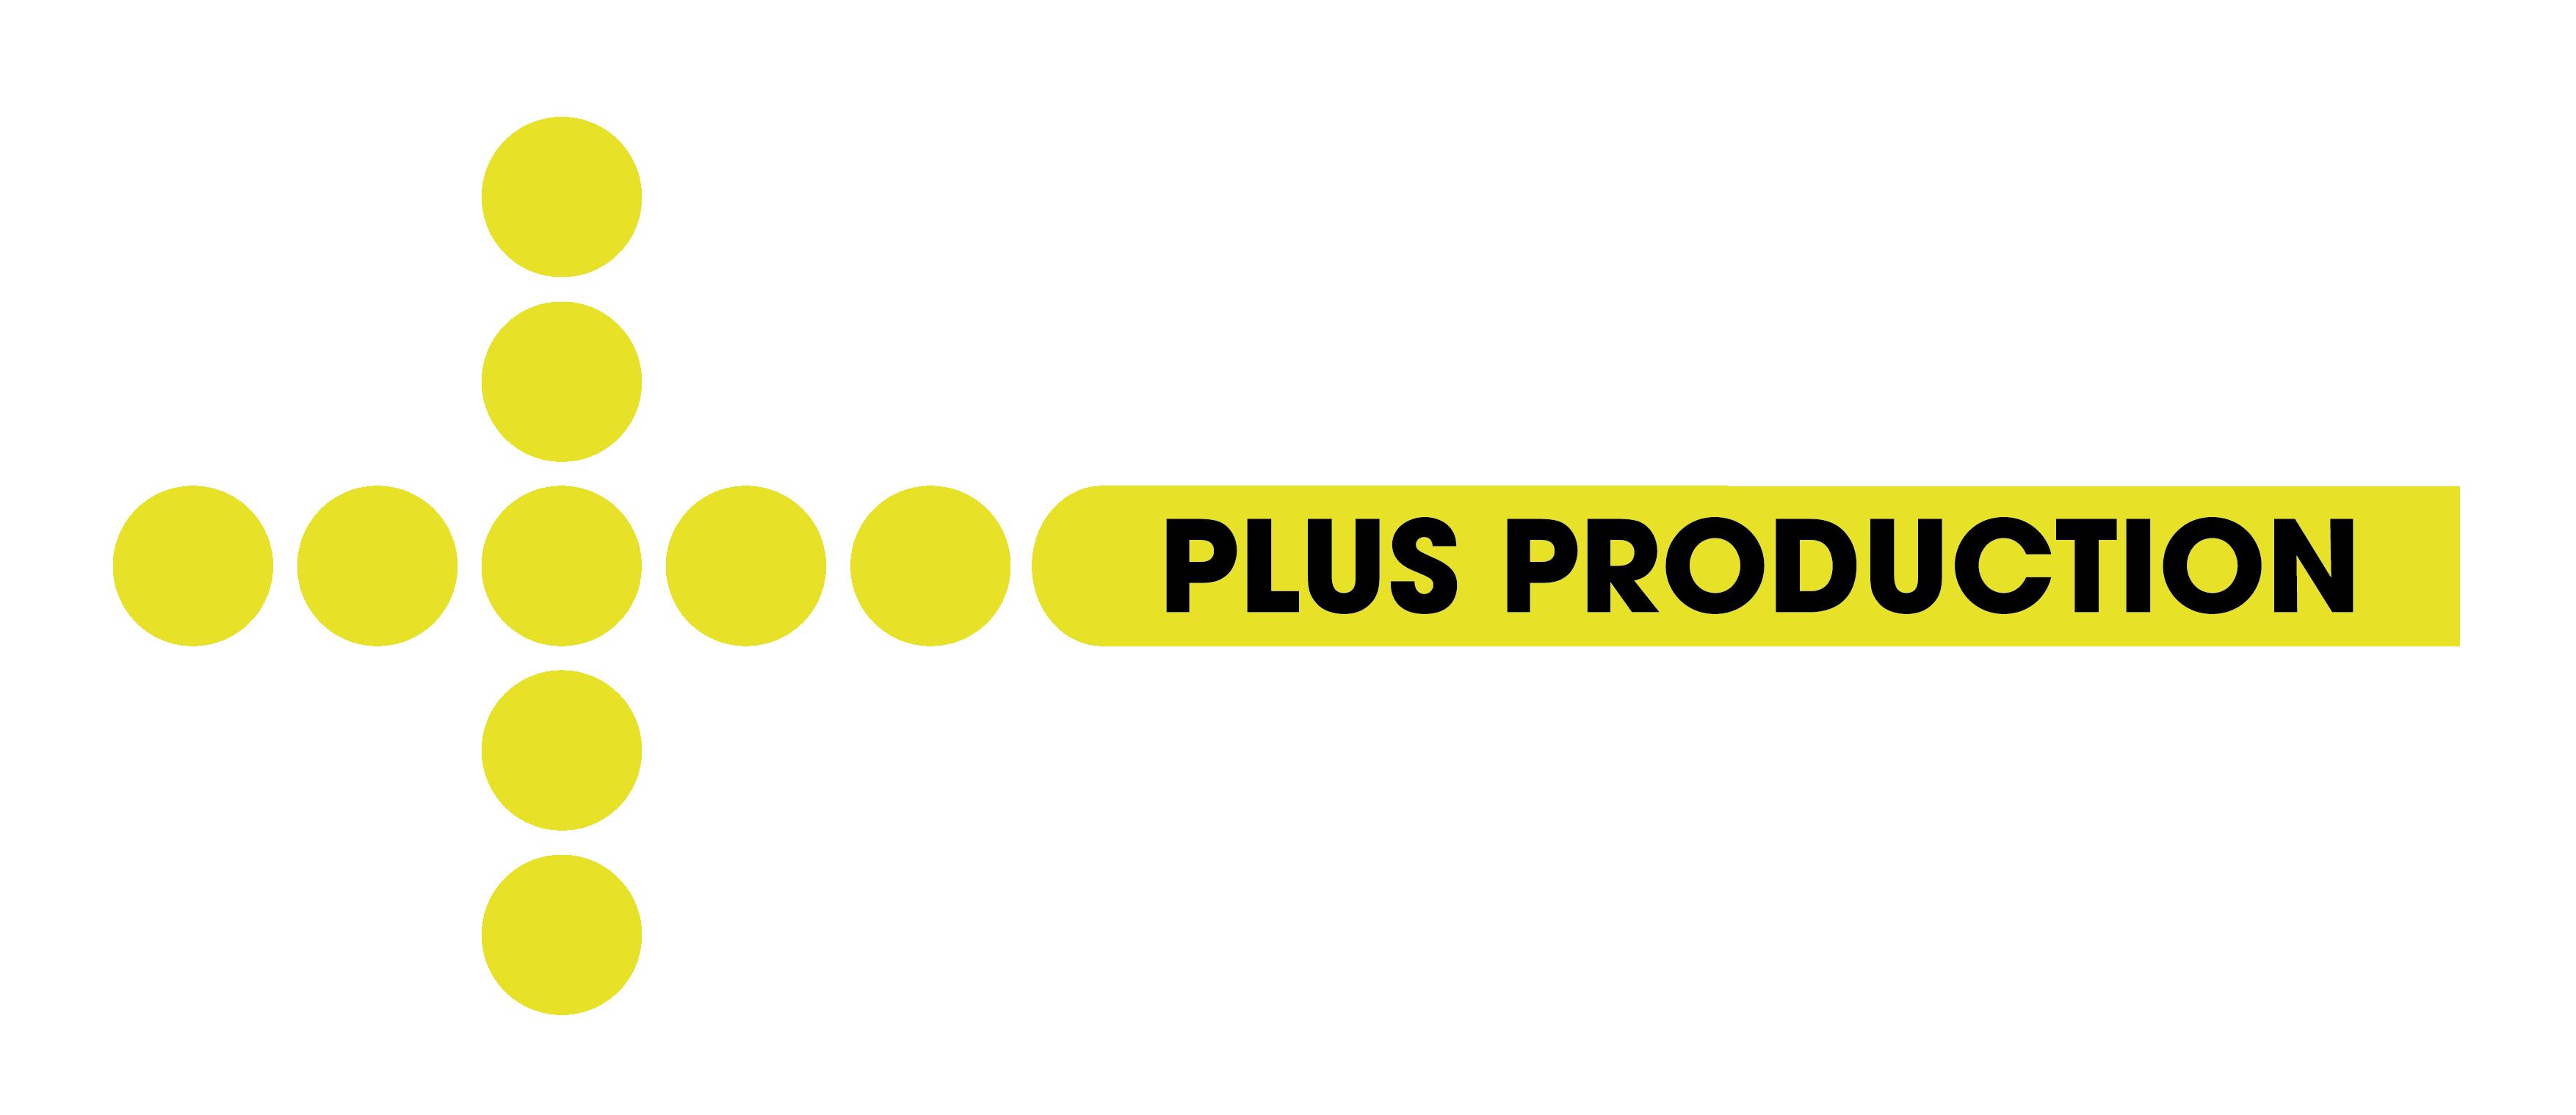 Plus Production